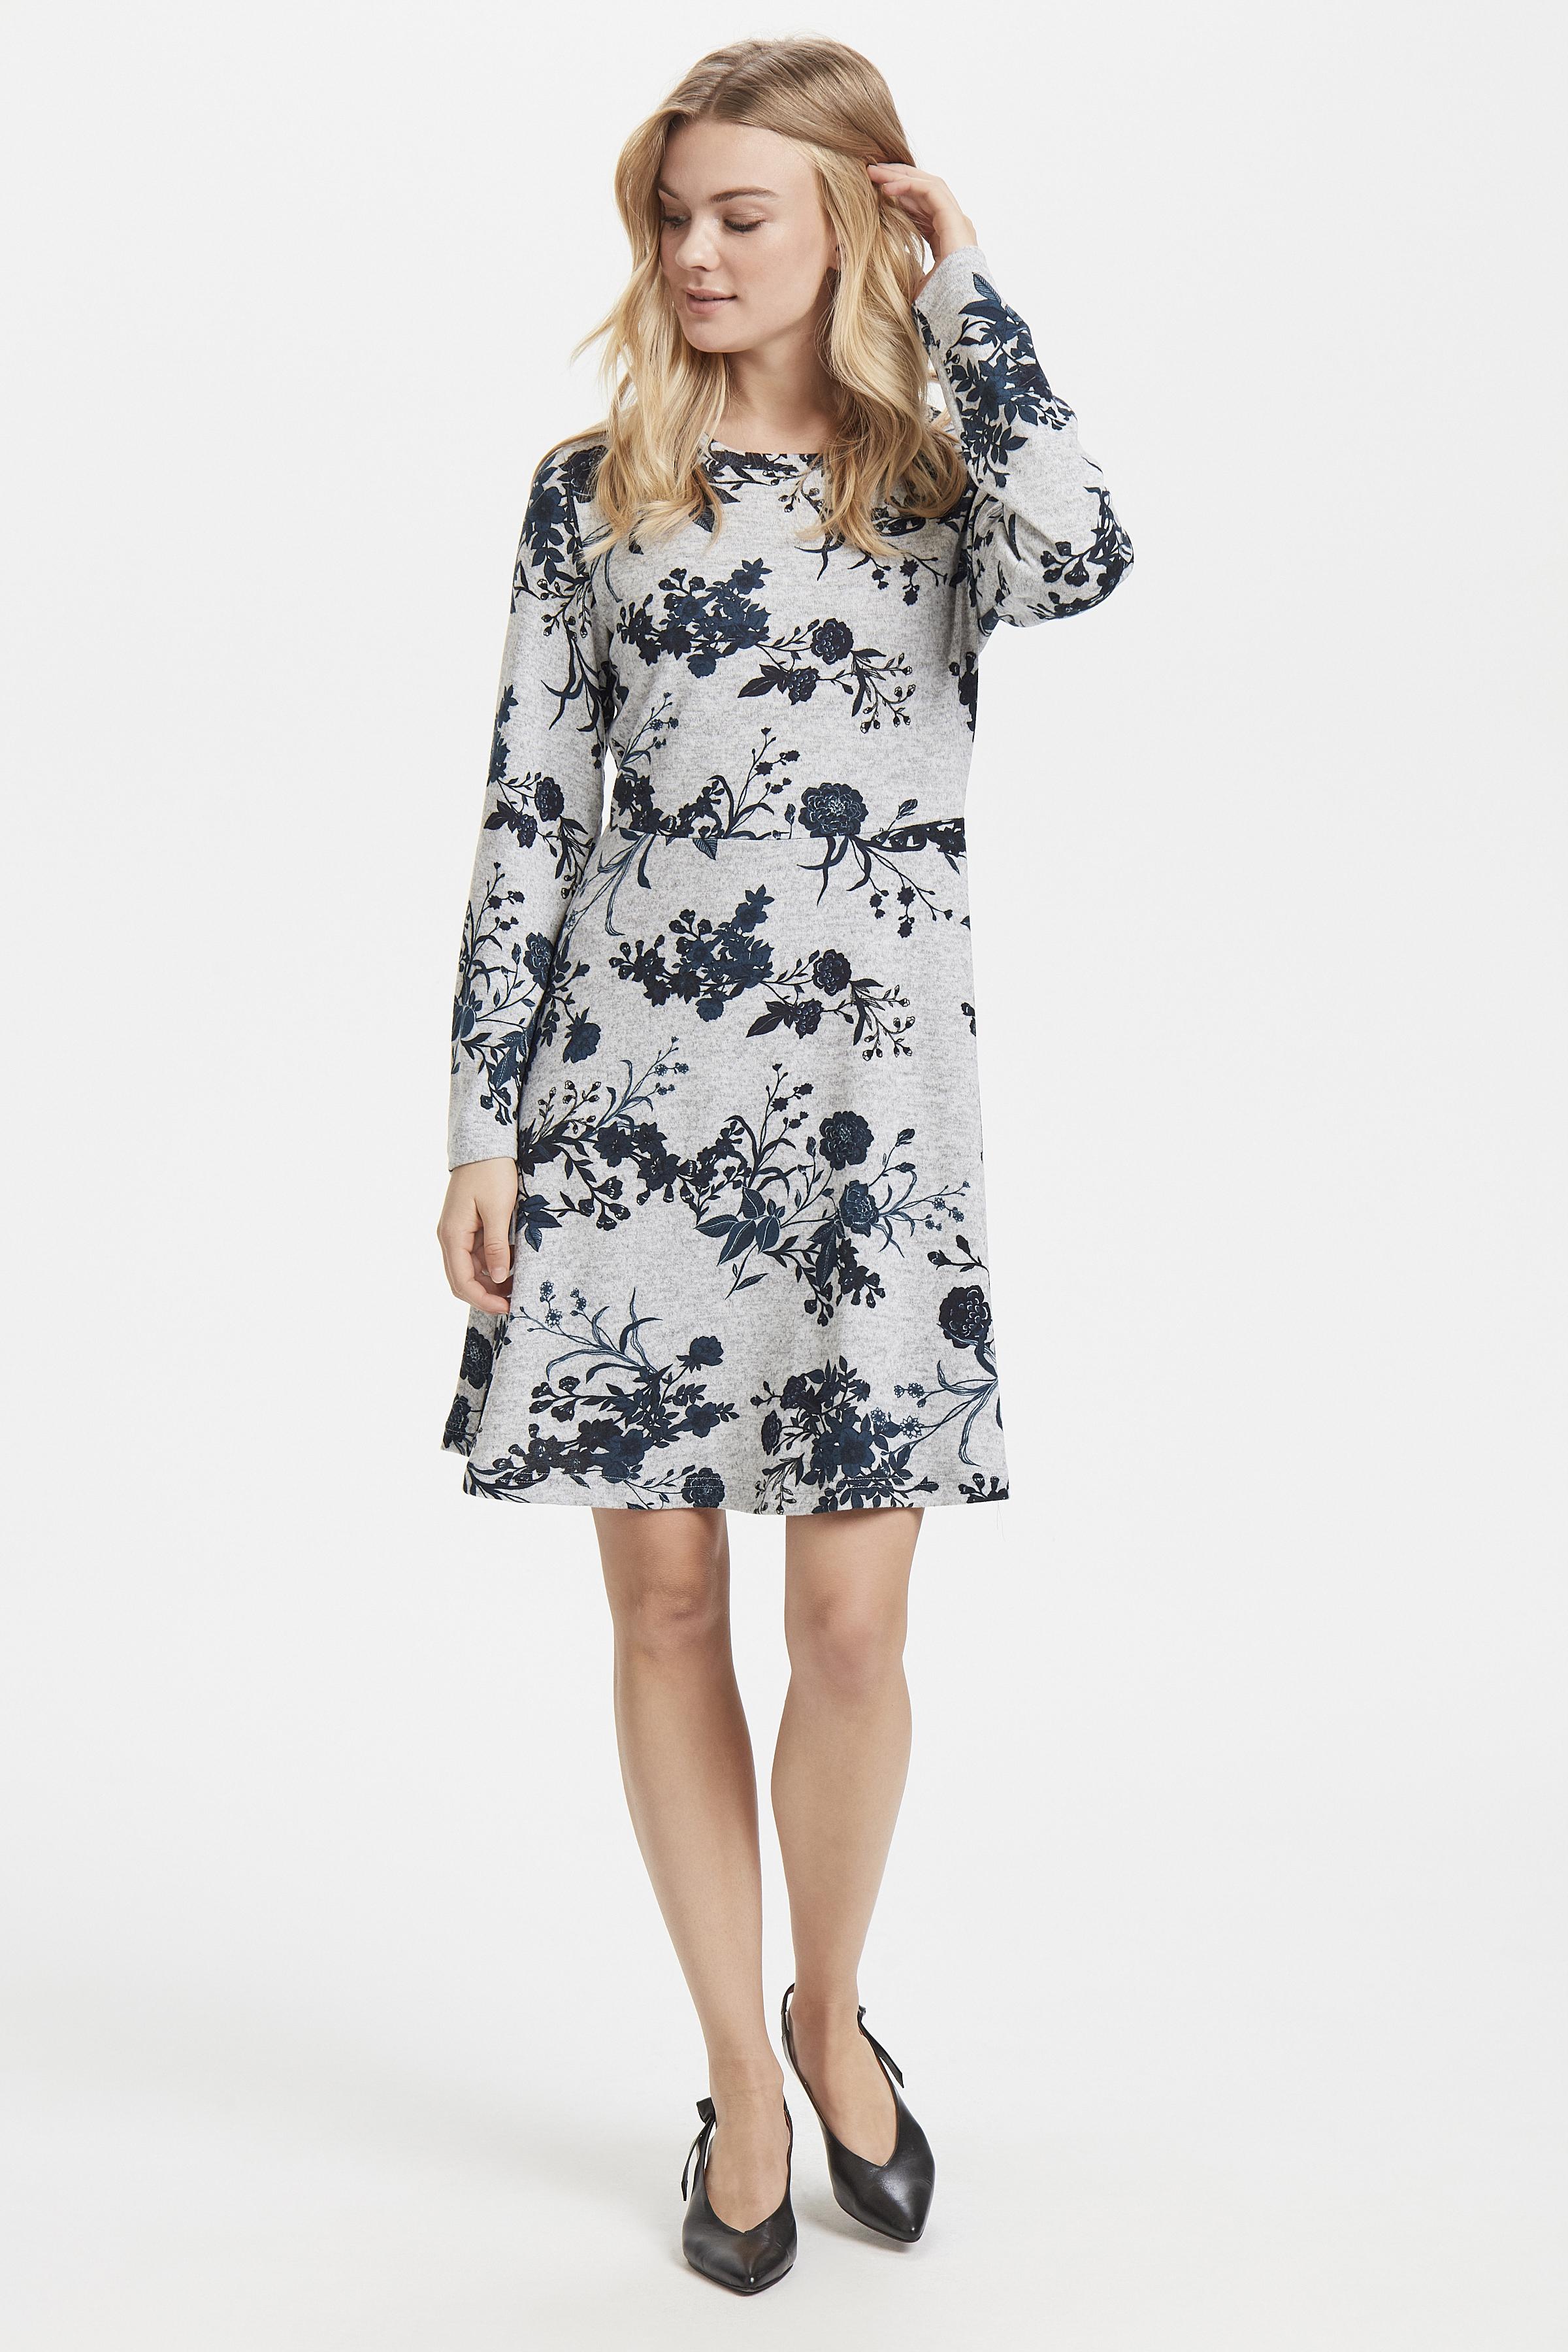 Teal Combi 1 Jersey kjole fra b.young - Kjøp Teal Combi 1 Jersey kjole fra størrelse XS-XL her